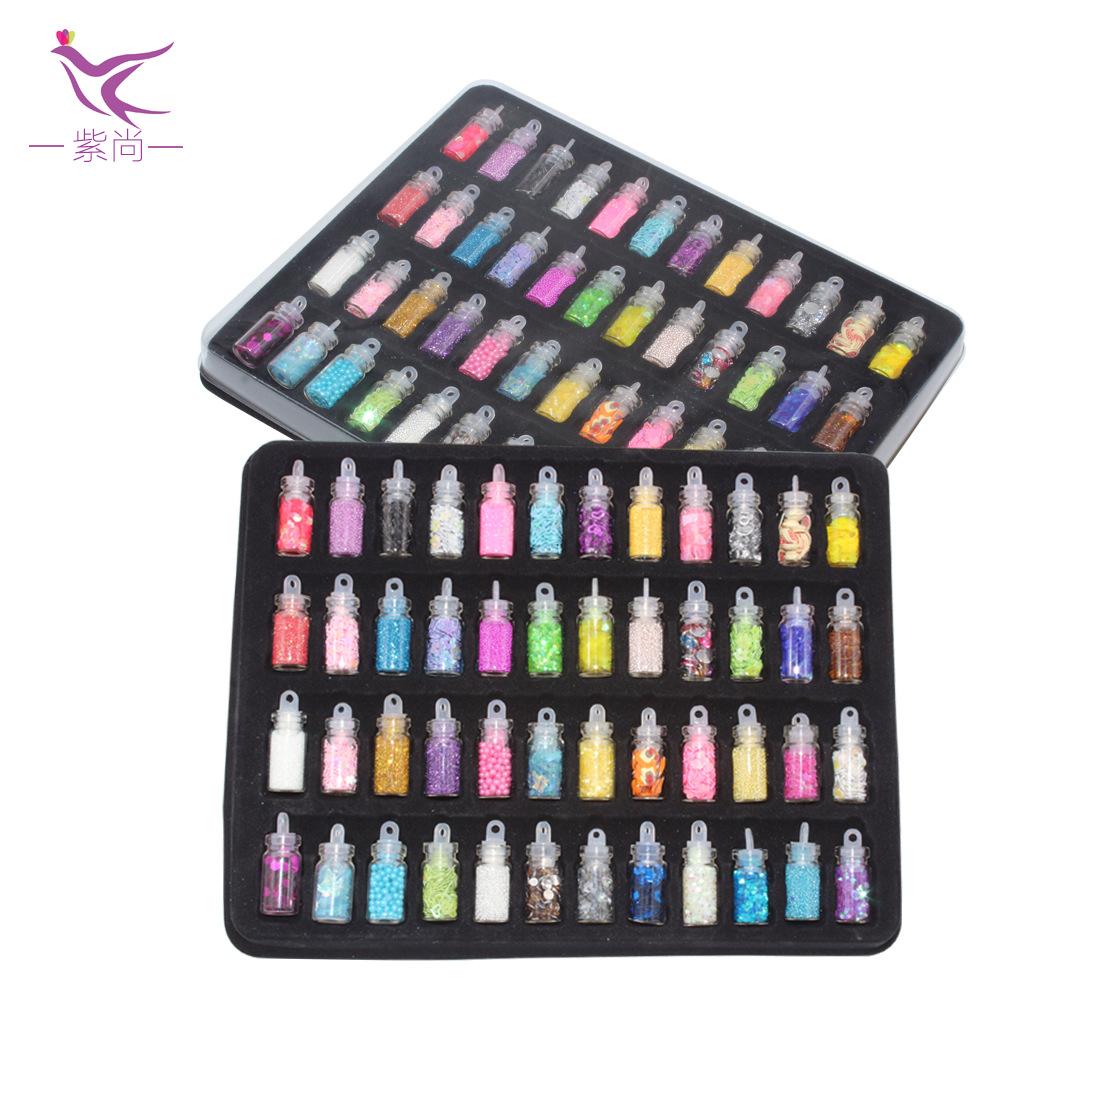 [买三赠一]新款定制DIY指甲贴闪粉亮片玻璃珠贝壳粉48色套装玻璃